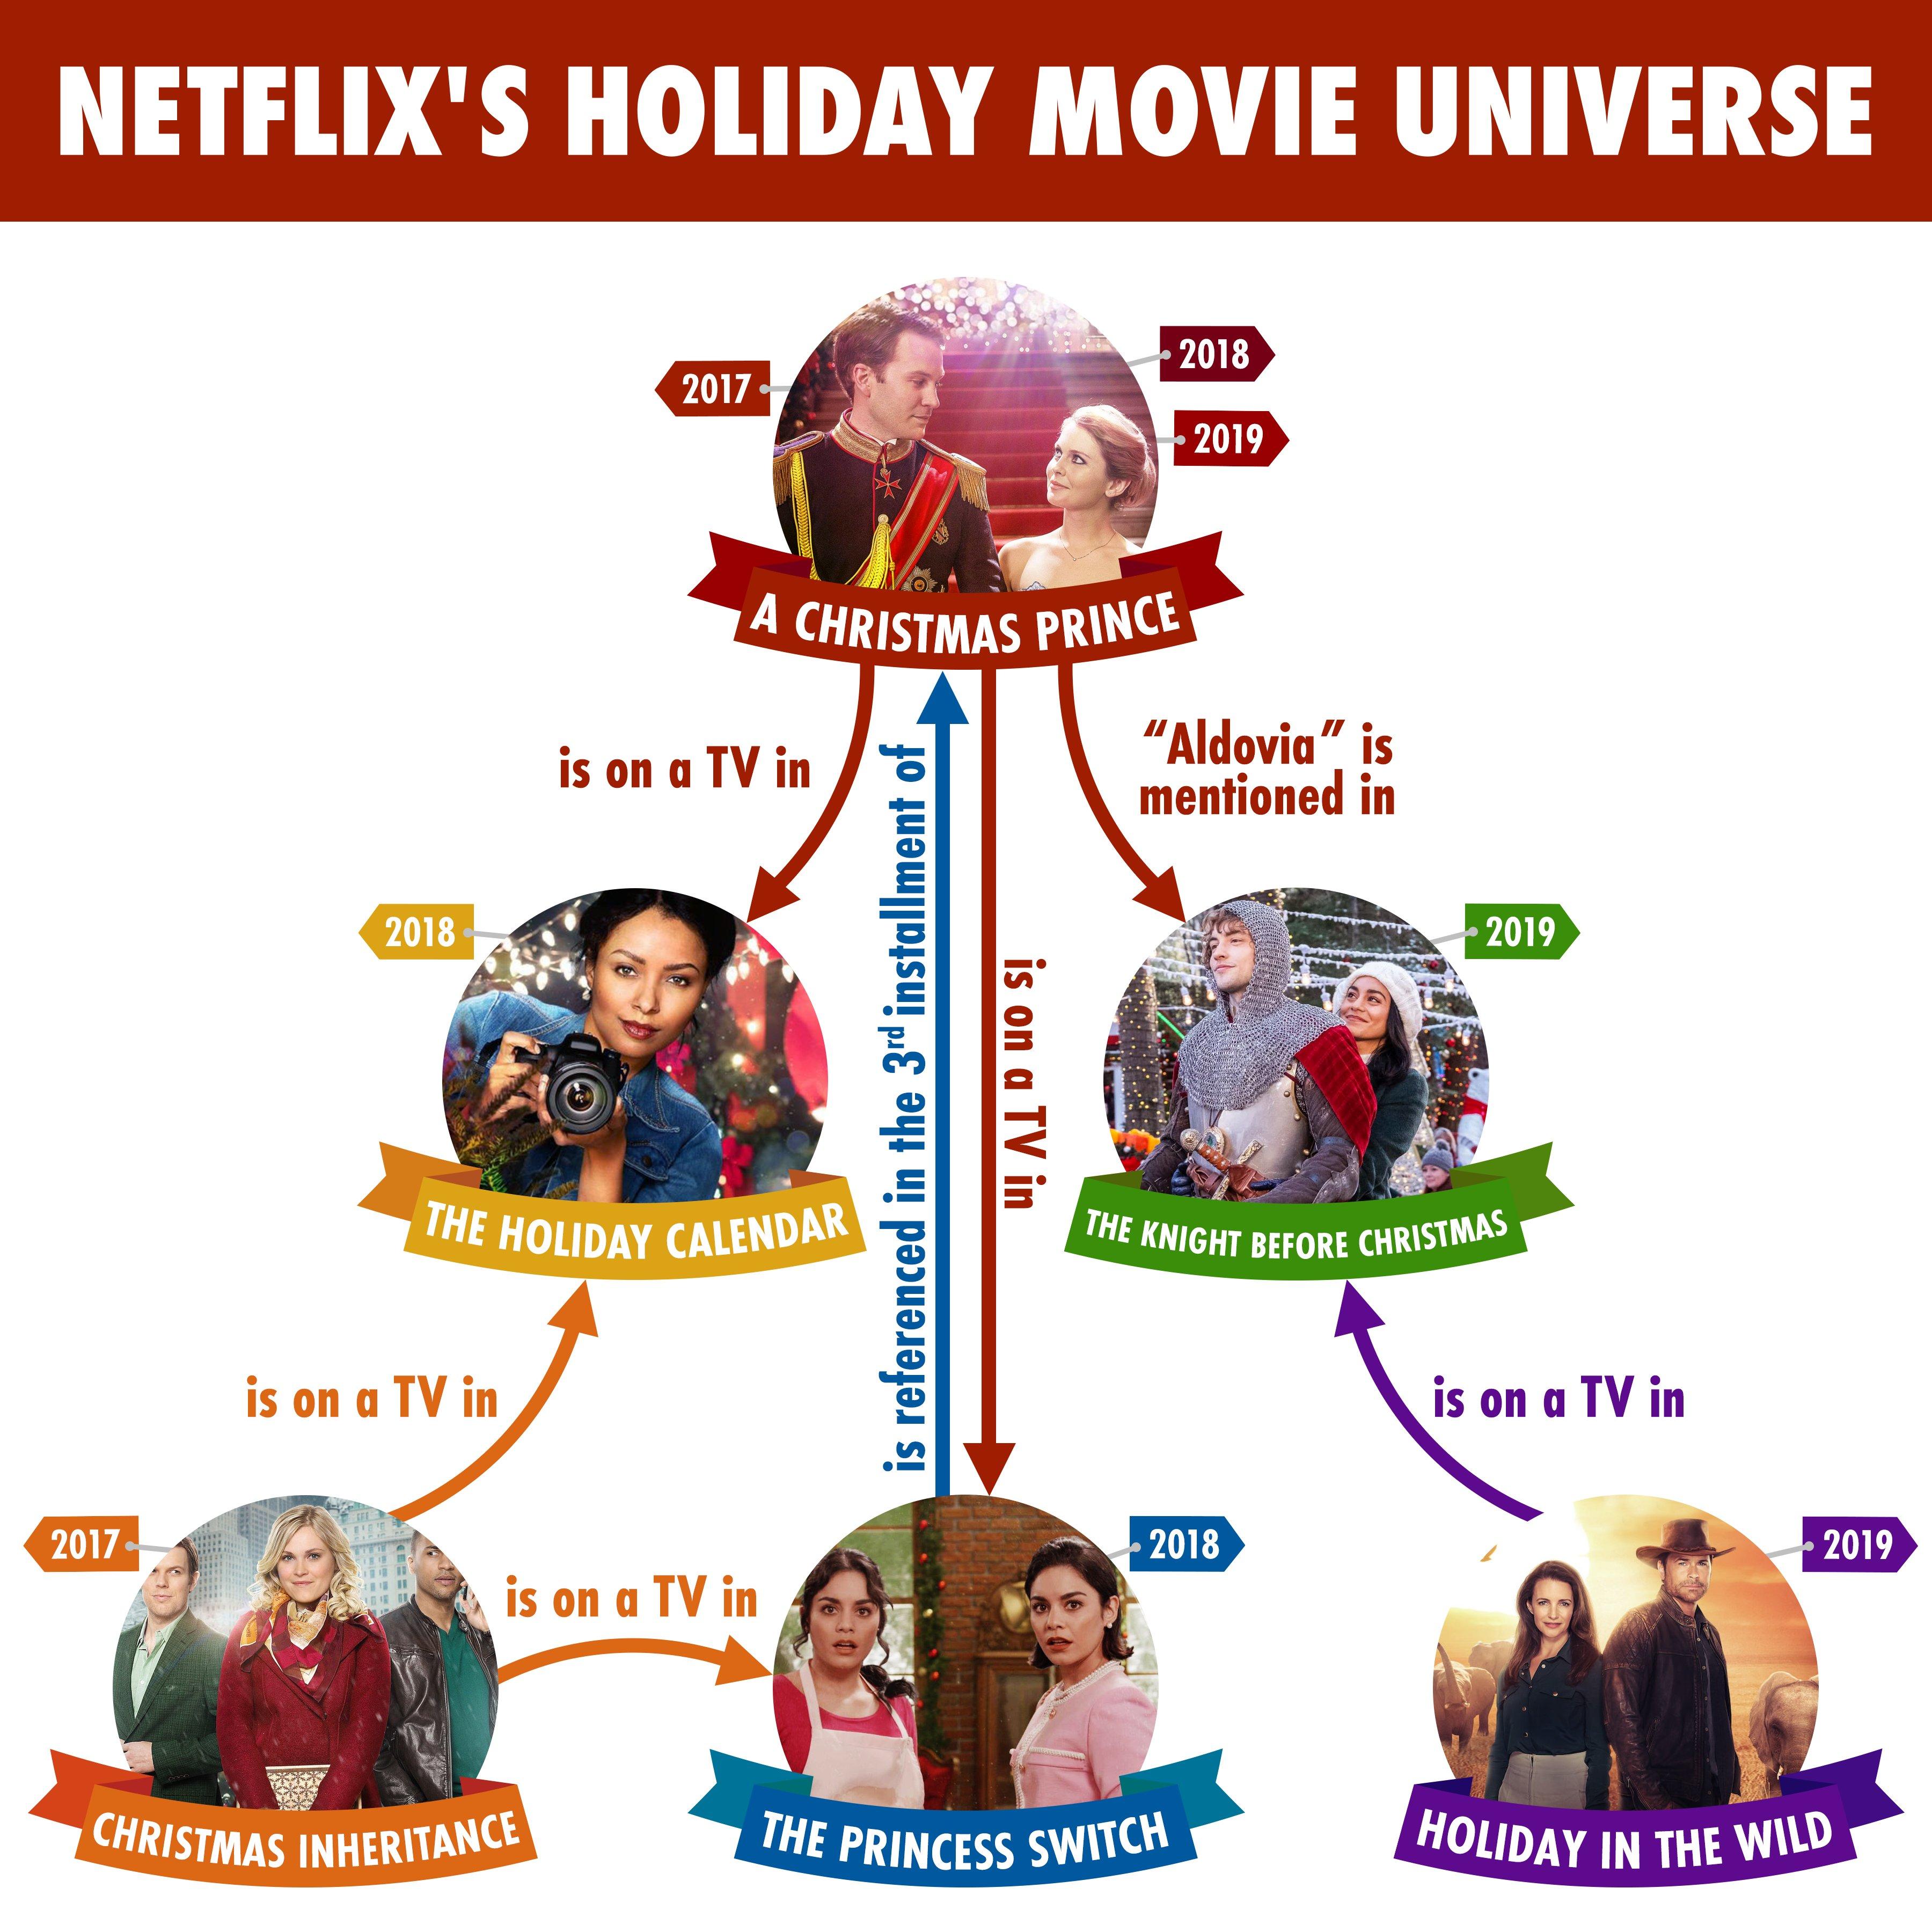 Netflix holiday movie universe, explained